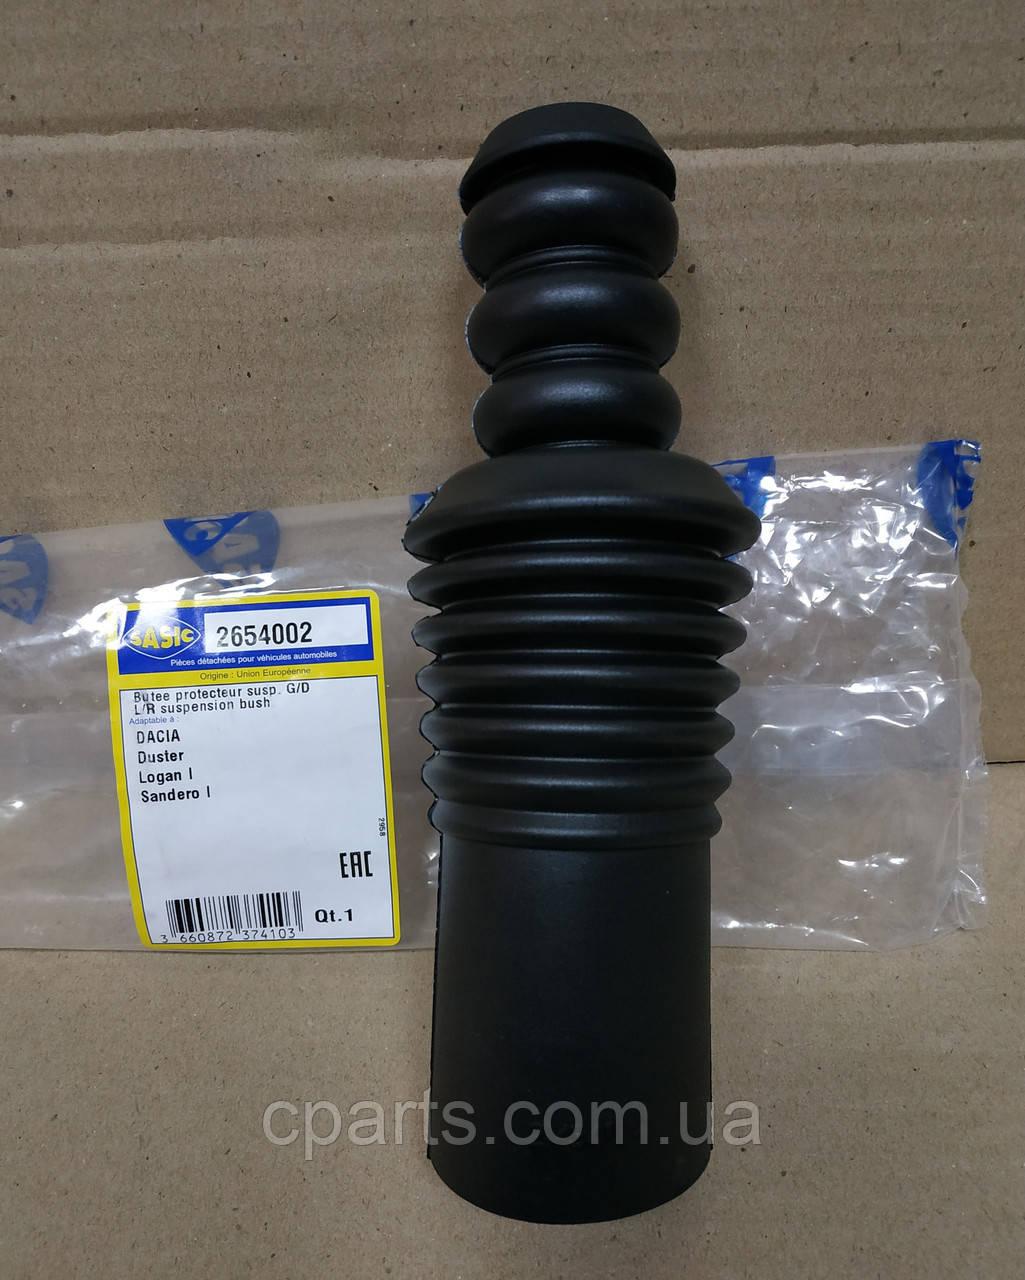 Пыльник амортизатора с отбойником Dacia Sandero (Sasic 2654002)(высокое качество)